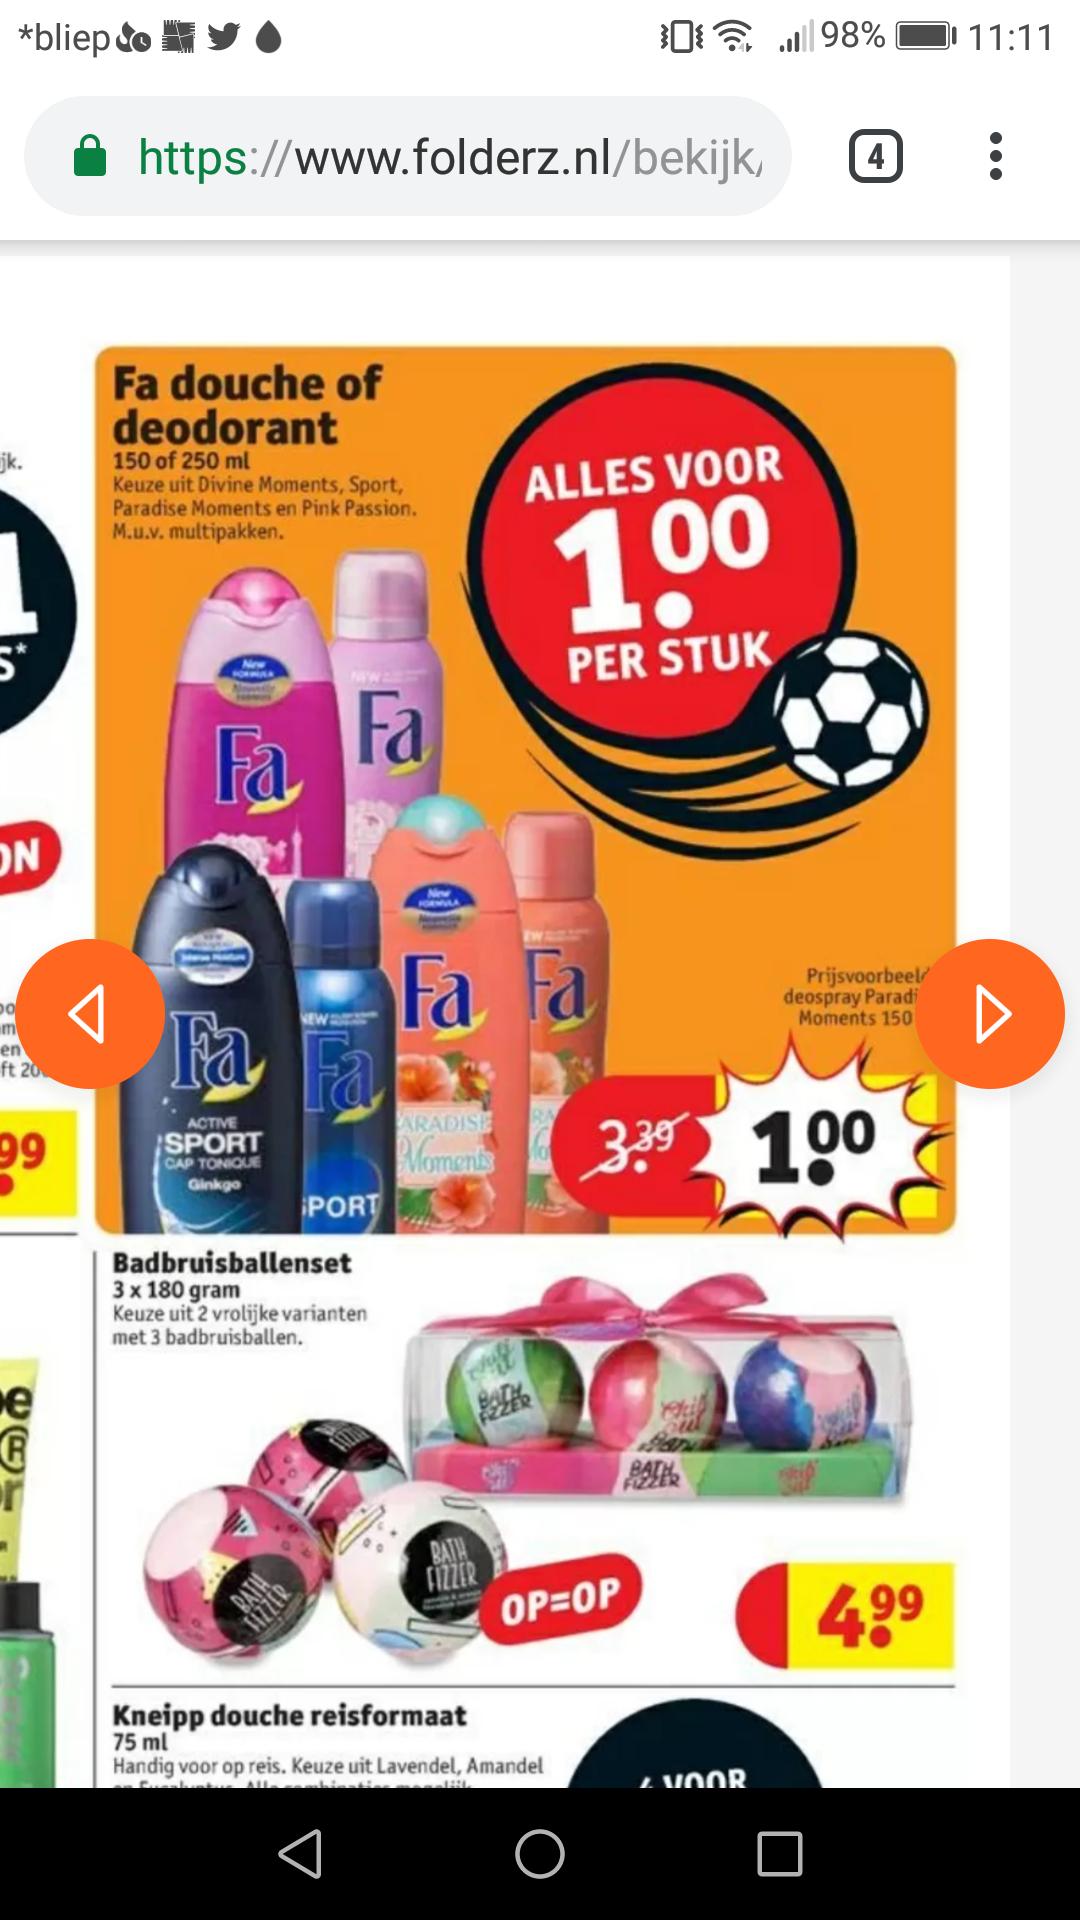 Fa deodorant en douche voor €1 bij Kruidvat